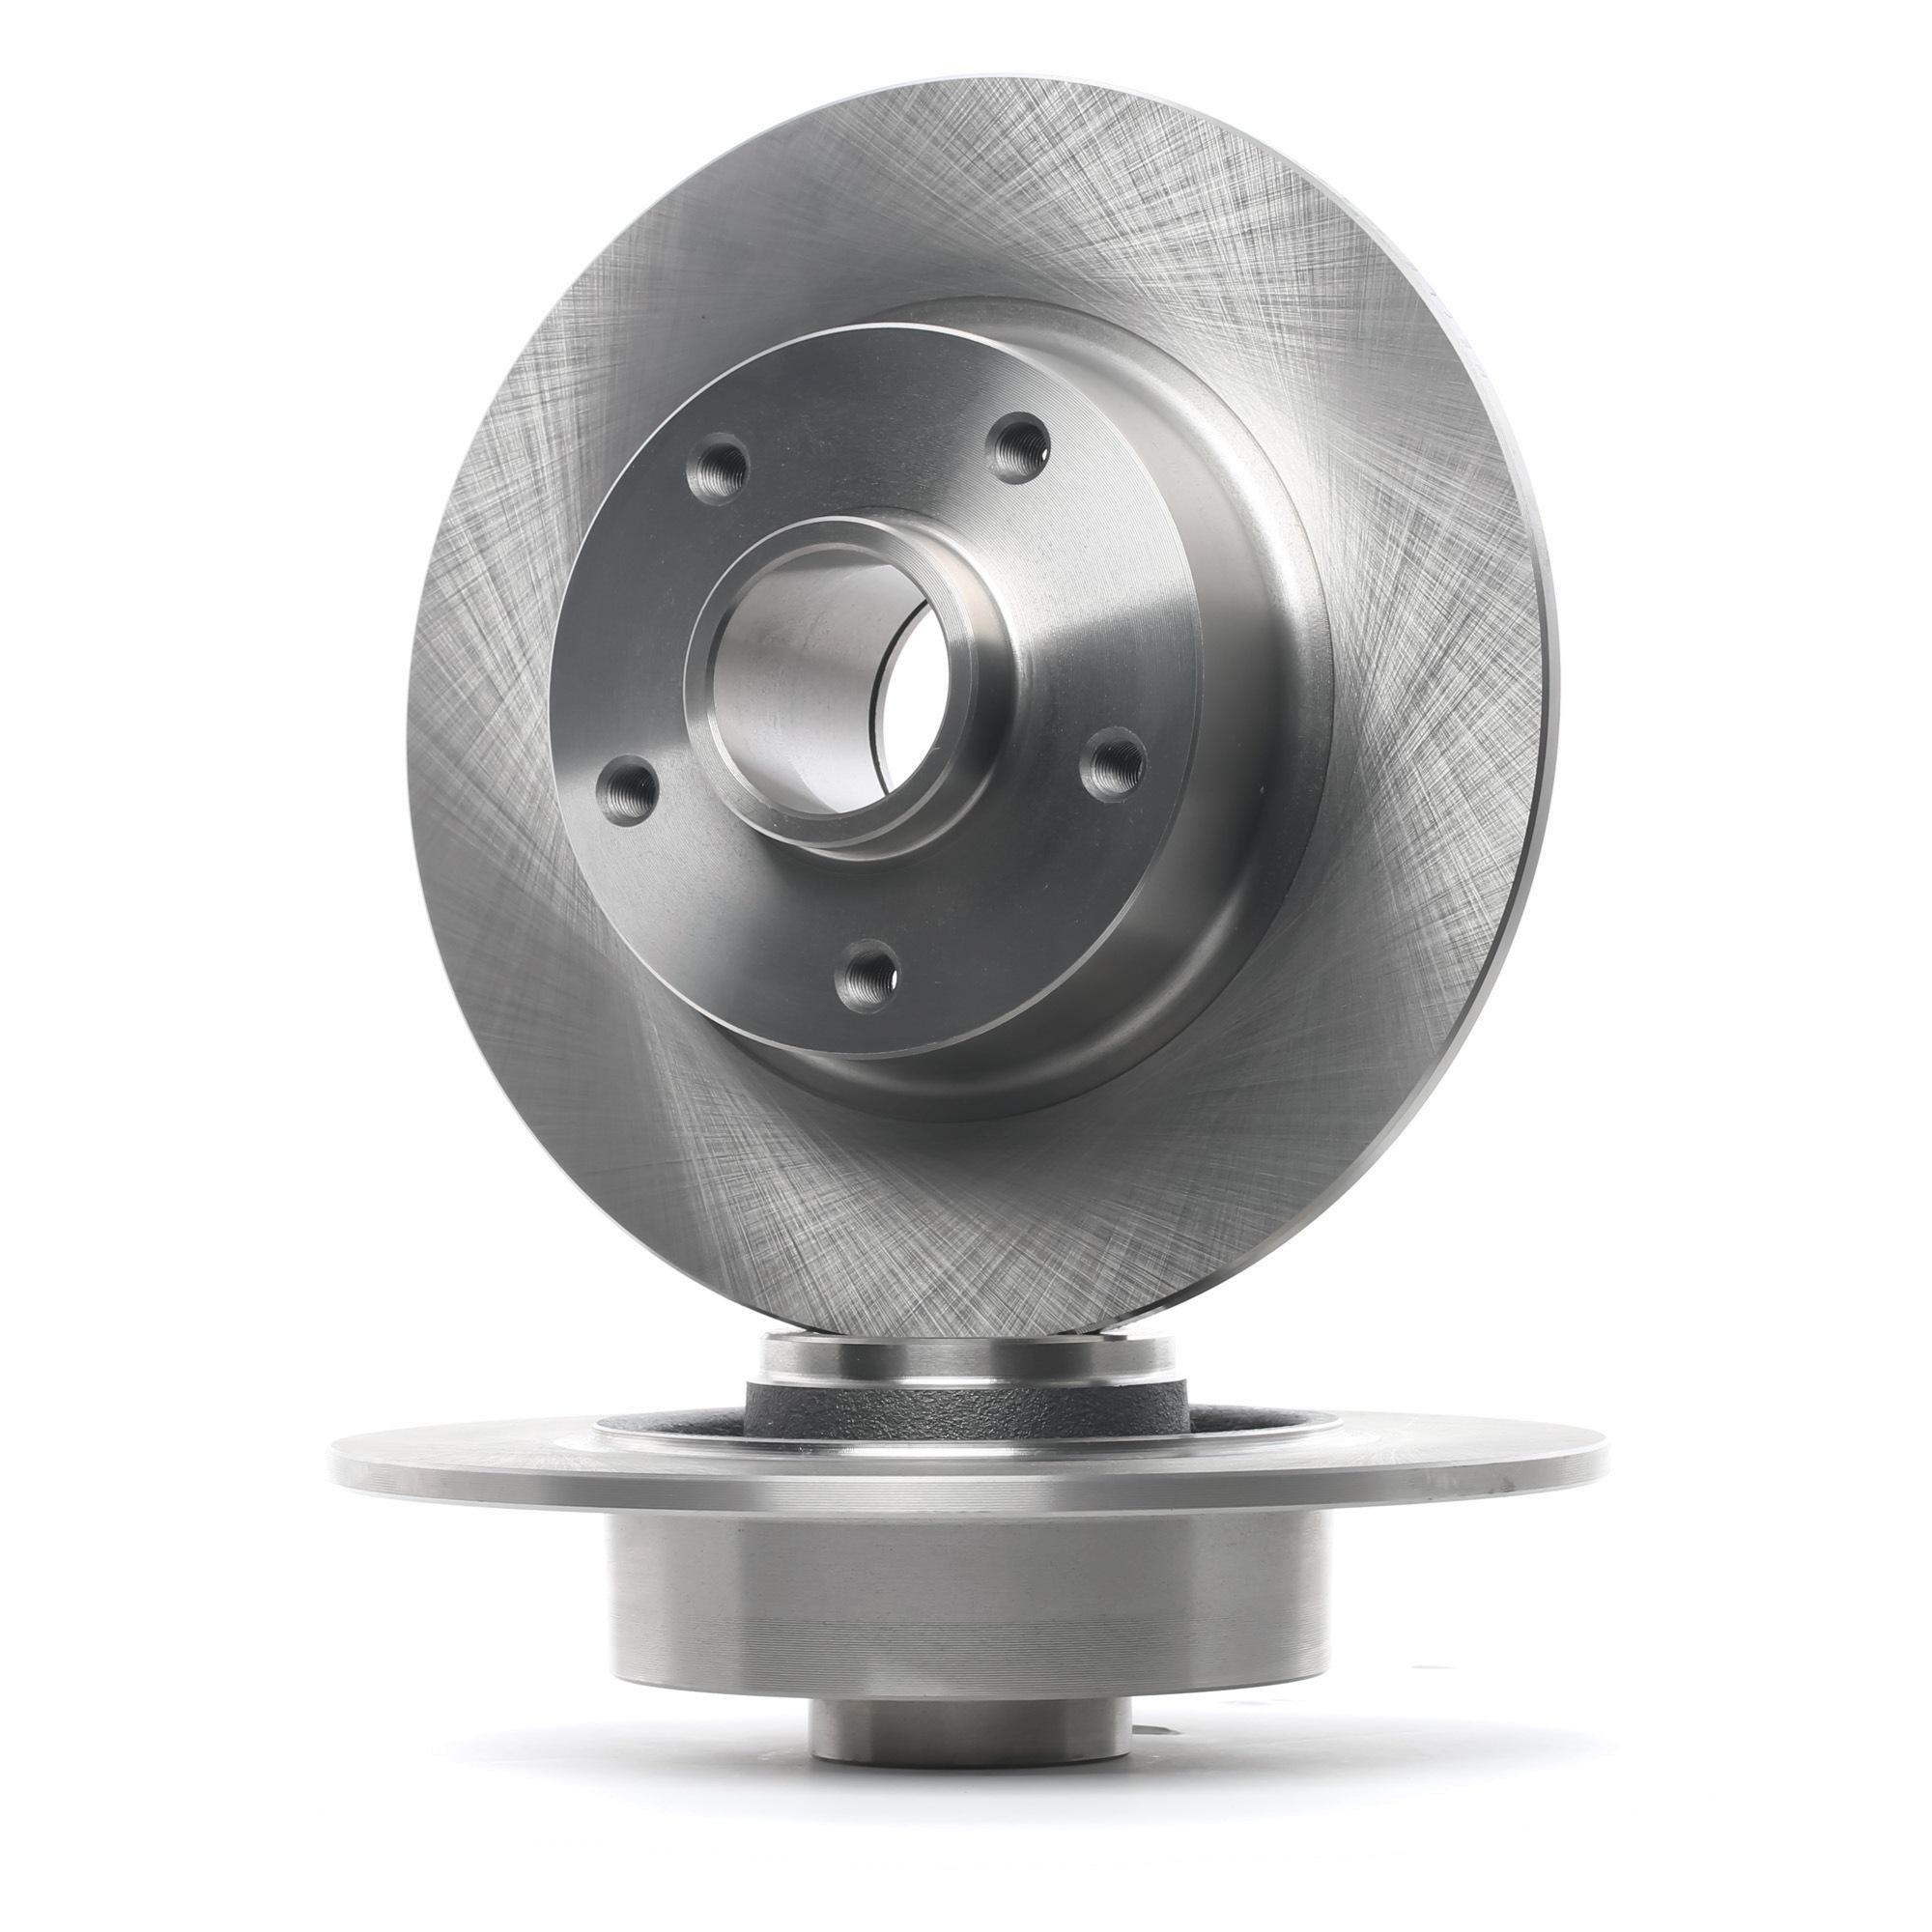 MBD1415 MEYLE ORIGINAL Quality, Hinterachse, Voll, ohne Radlager Ø: 260mm, Lochanzahl: 5, Bremsscheibendicke: 8mm Bremsscheibe 16-15 523 0024 günstig kaufen